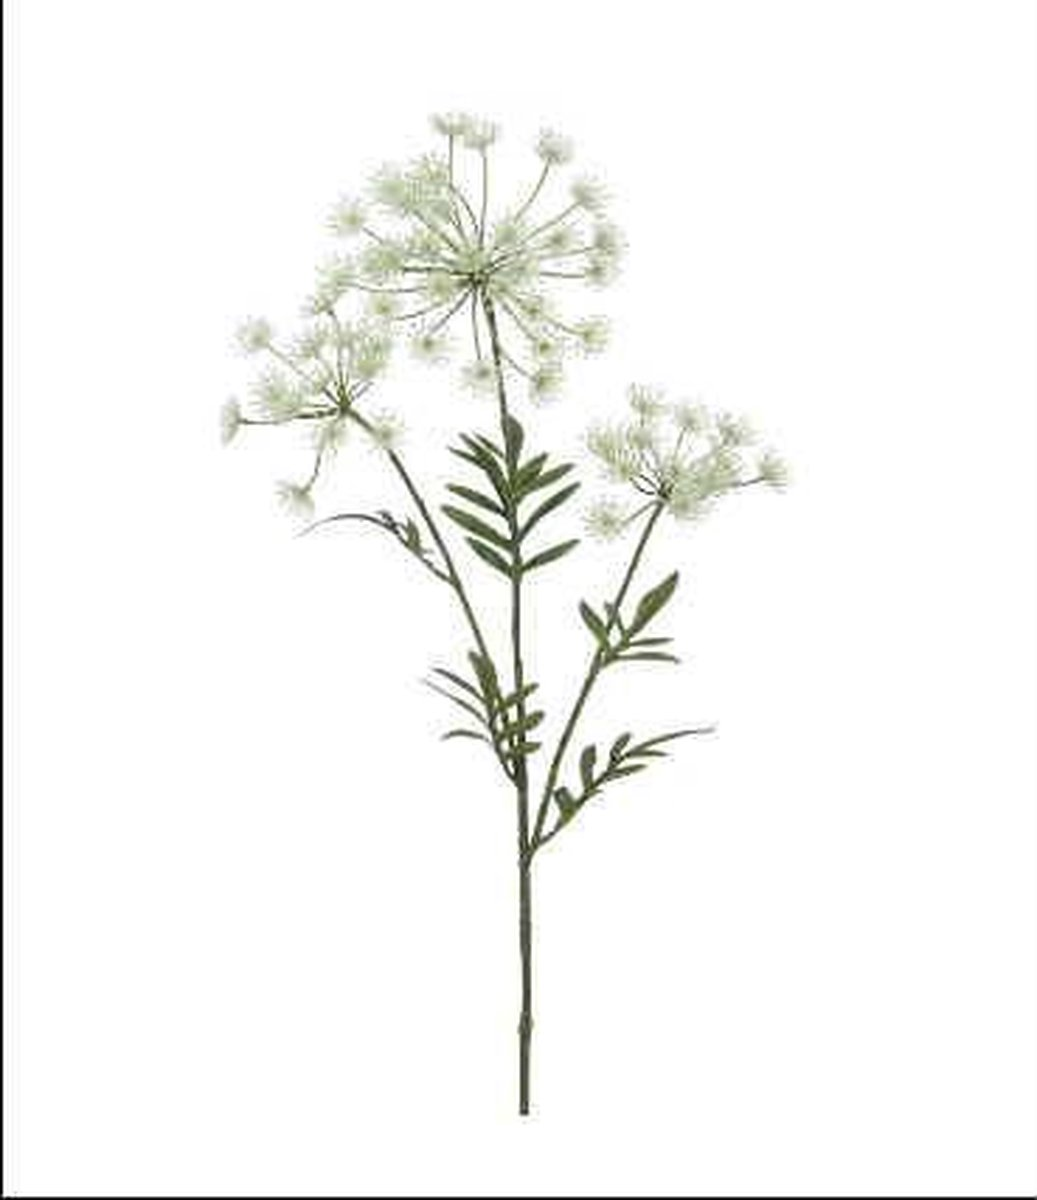 Kunstbloem - Zijde - Wildwortel - Wit - 80 cm - Boeket van 5 stuks - In cadeauverpakking met gekleurd lint kopen